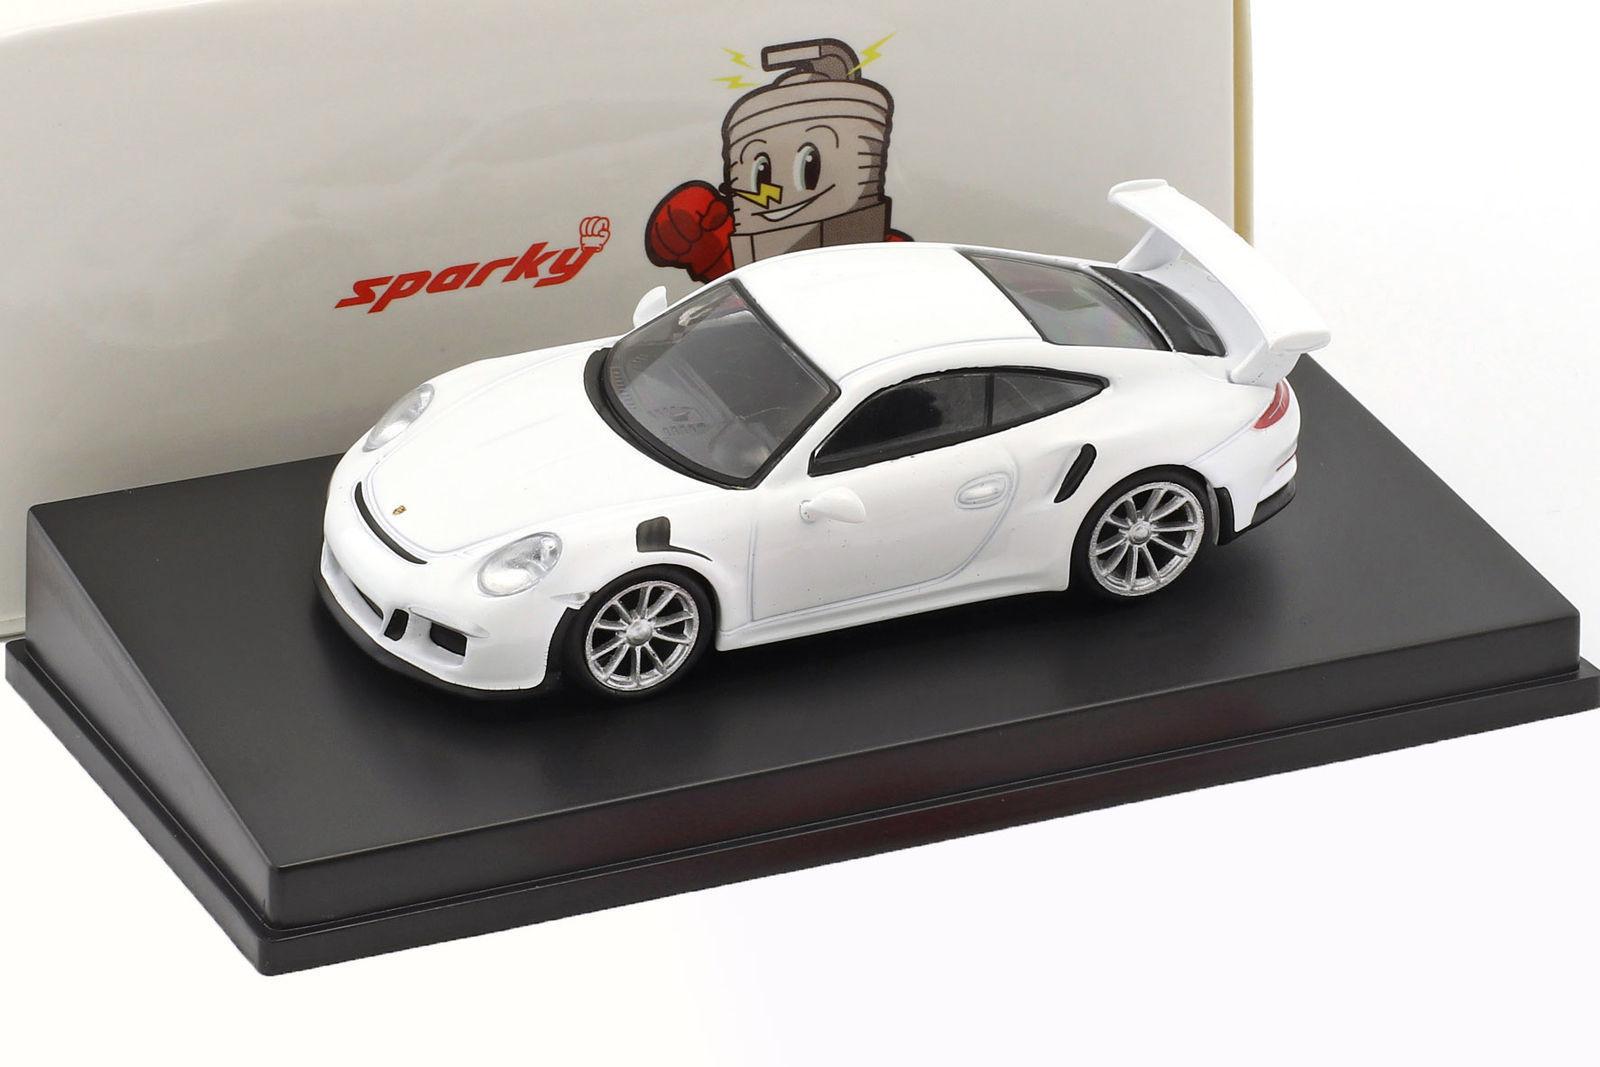 スパーク 1/64 ポルシェ 911 (991) GT3 RS 2016 ホワイト